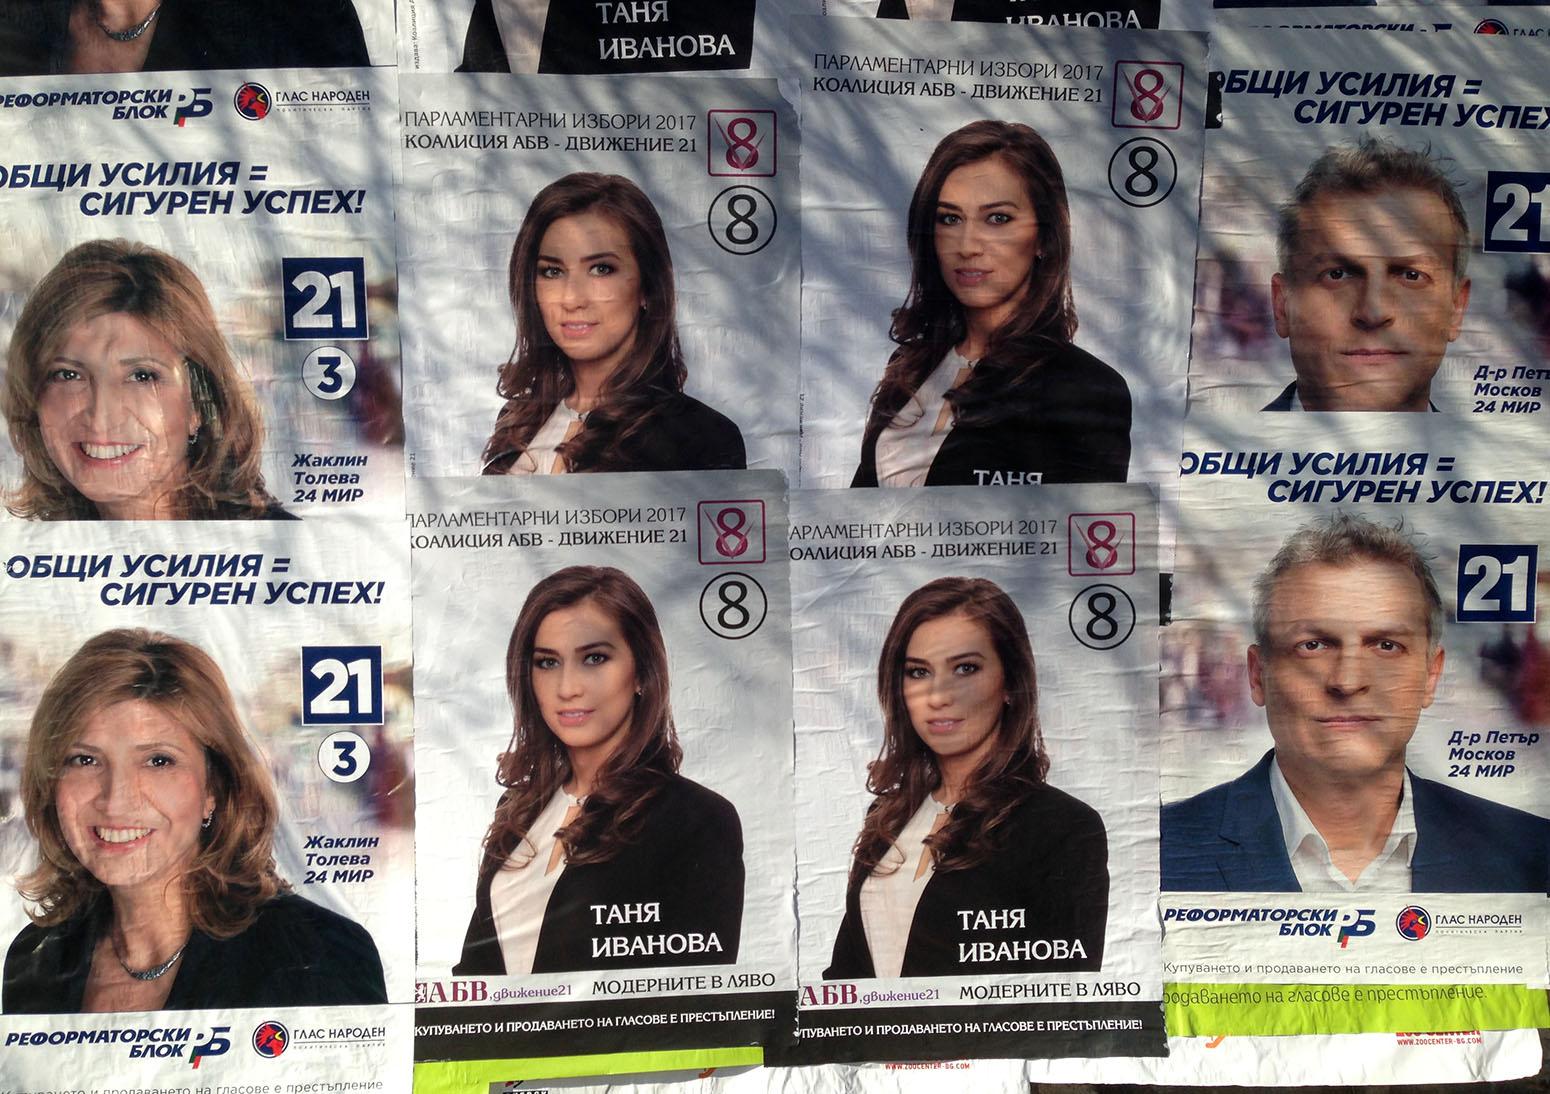 Elezioni in Bulgaria - fmartino/OBCT